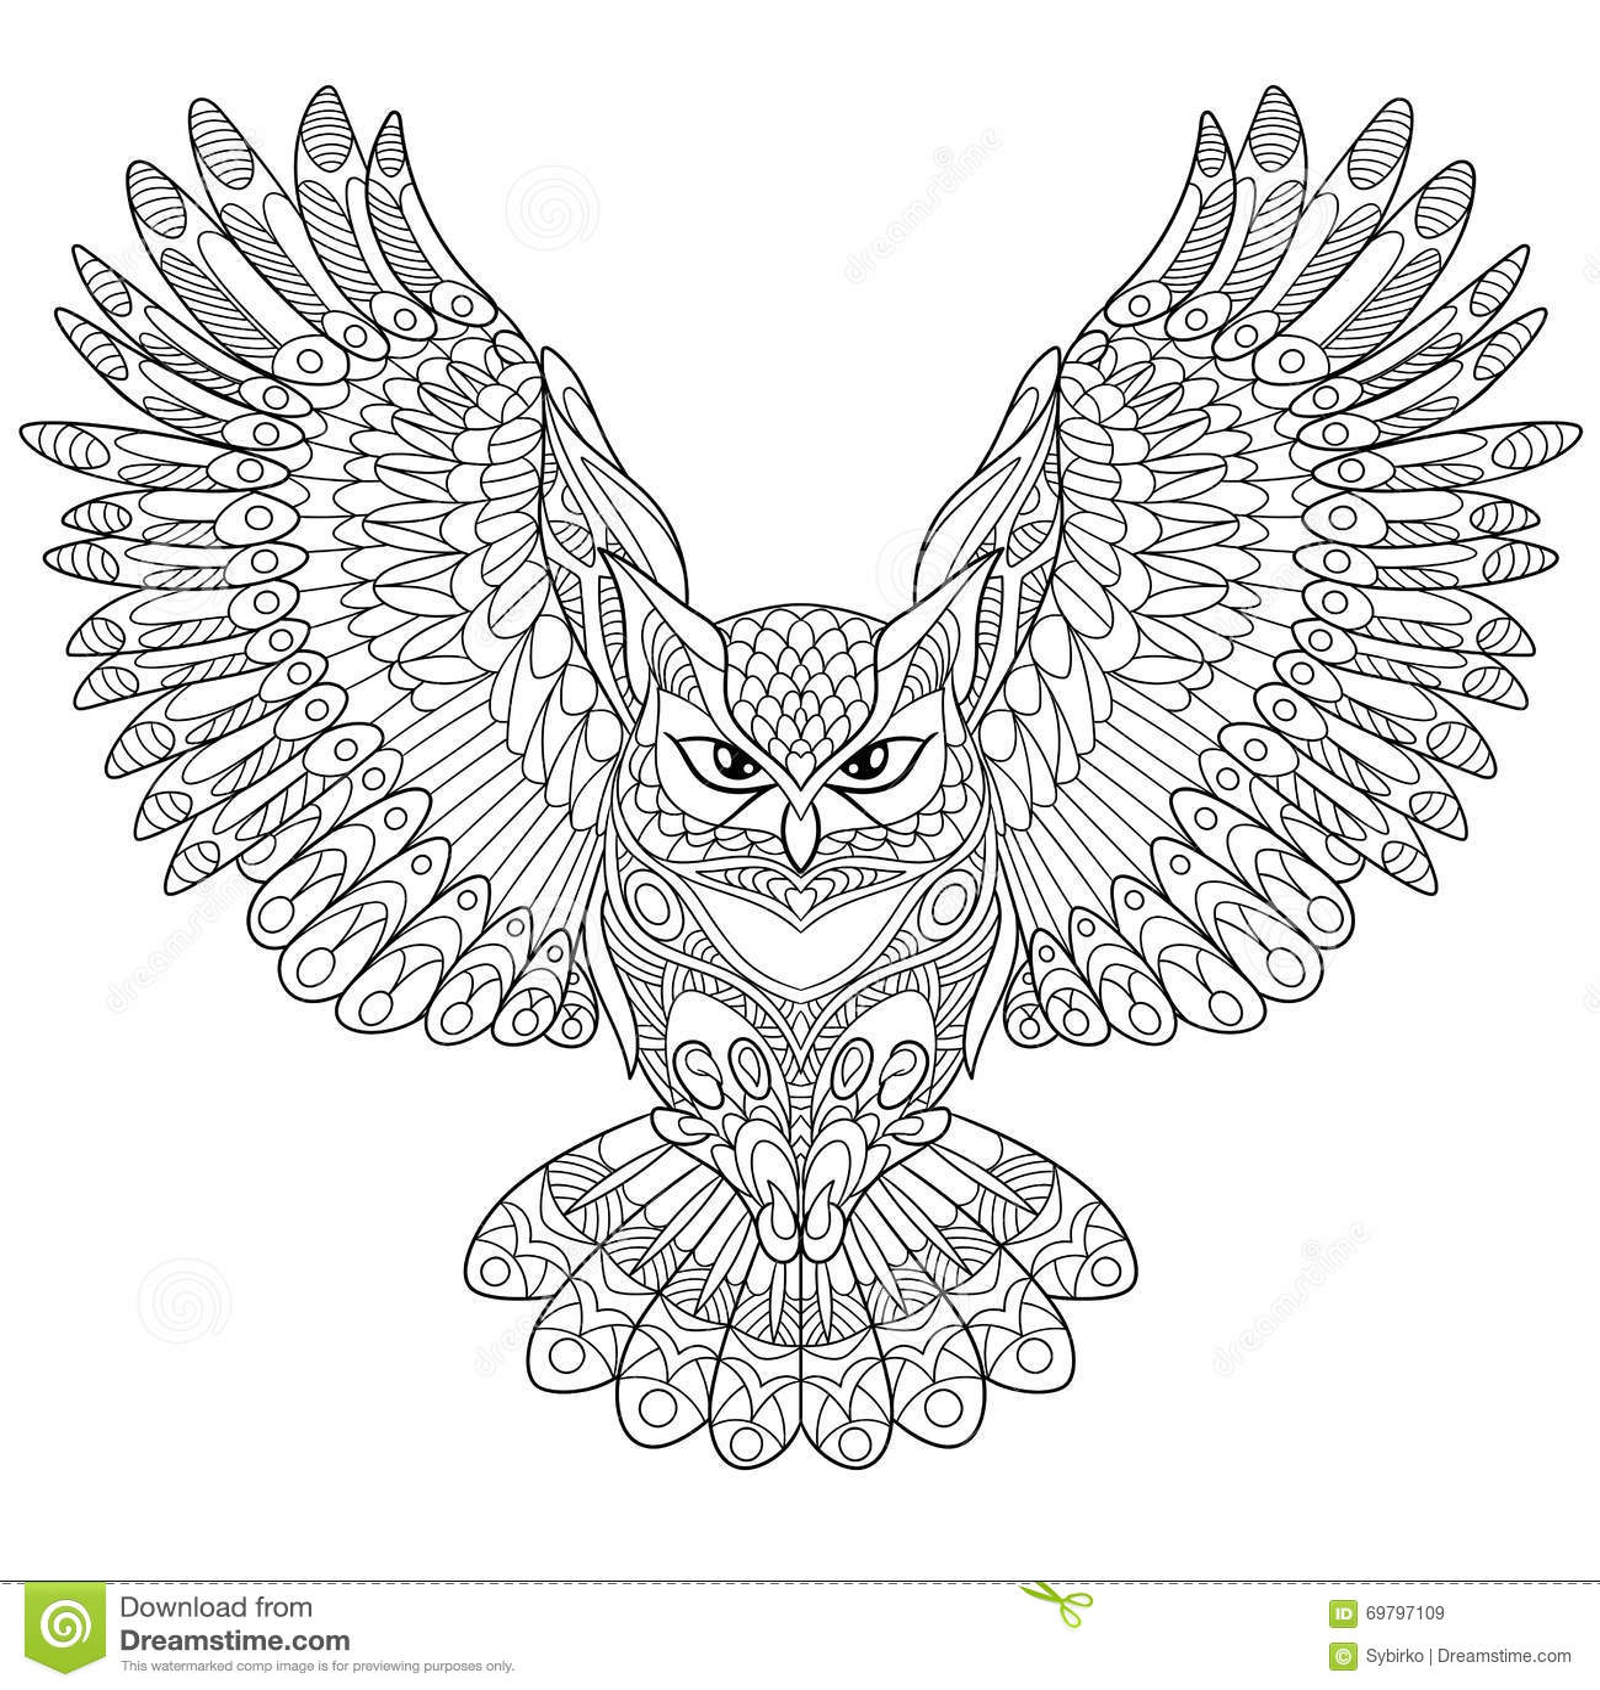 Volwassen Zen Kleurplaat Zentangle Stylized Eagle Owl Stock Vector Image 69797109